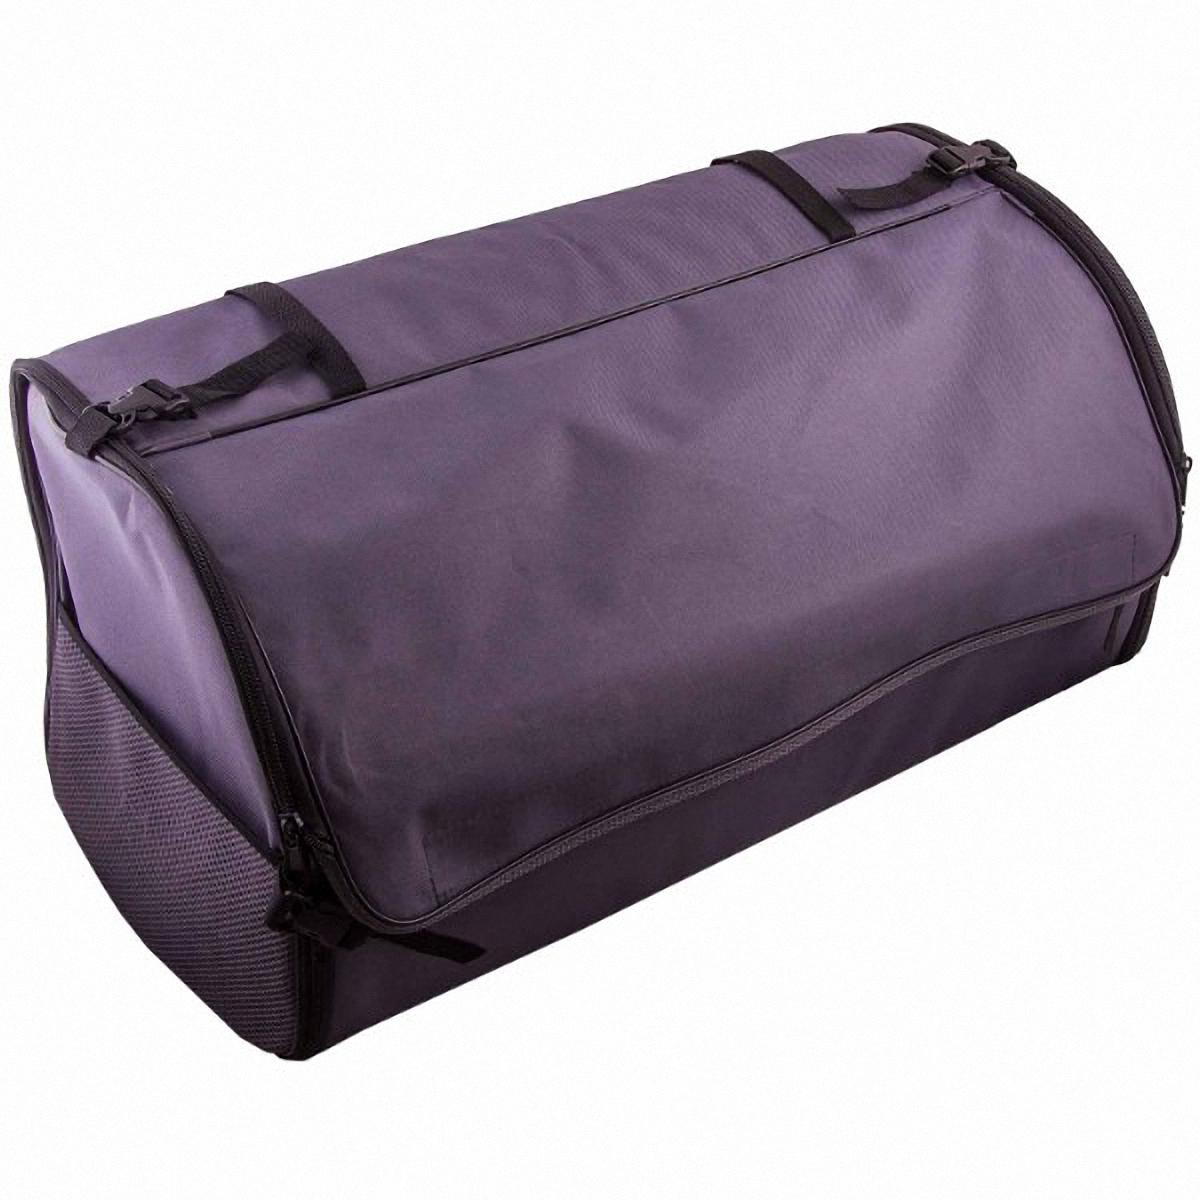 Органайзер Skyway, в багажник, 60 х 30 х 30 смS06401006Органайзер Skyway используется в багажнике для хранения различных вещей и мелких предметов, позволит вам компактно разместить все необходимые инструменты и аксессуары. Также может использоваться в качестве обычной сумки. Изготовлен из материала оксфорд. Материал очень прочный, устойчив к химическим веществам, долговечный и непромокаемый. Органайзер имеет боковые карманы-сетки, крышку на липучке и два больших кармана.